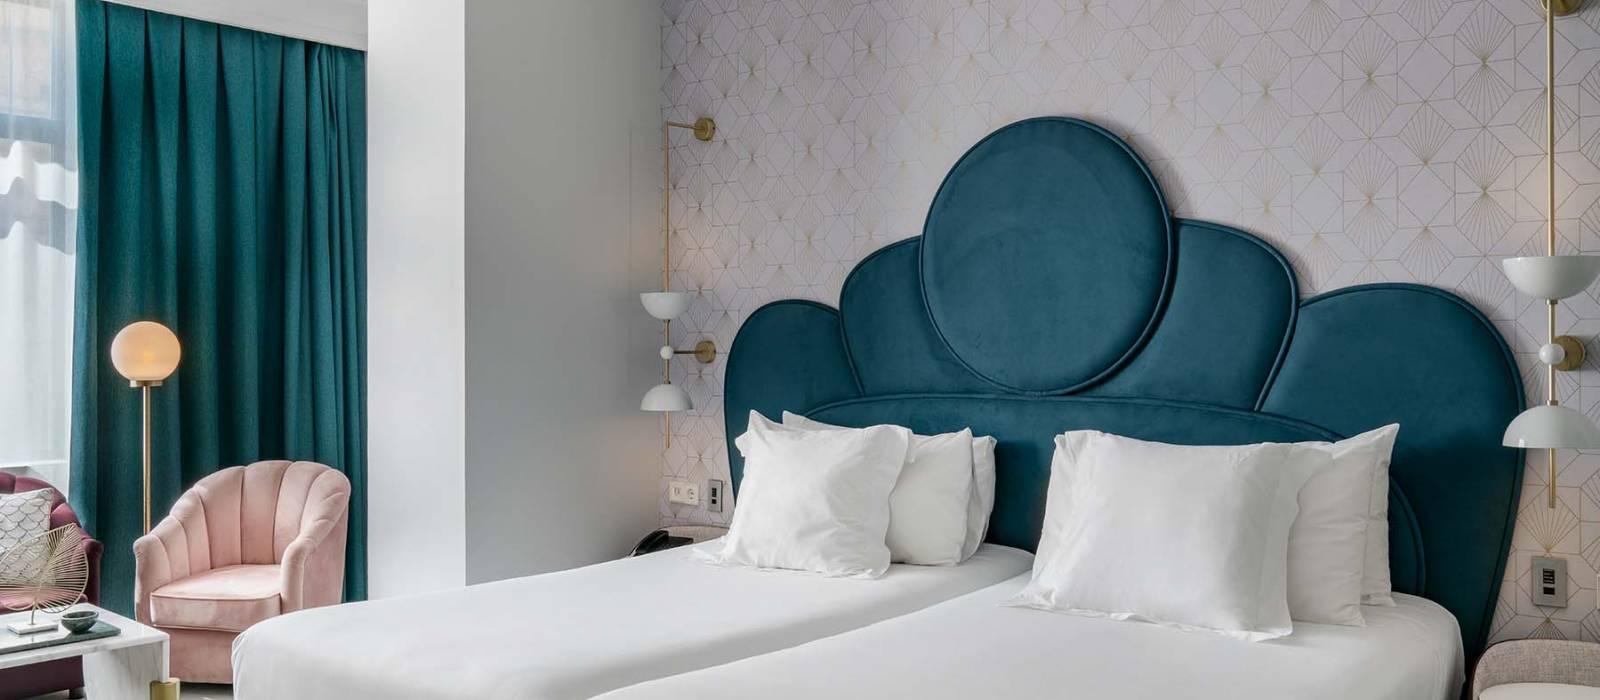 Camere Capitol Hotel Vincci Madrid - Camere Premium